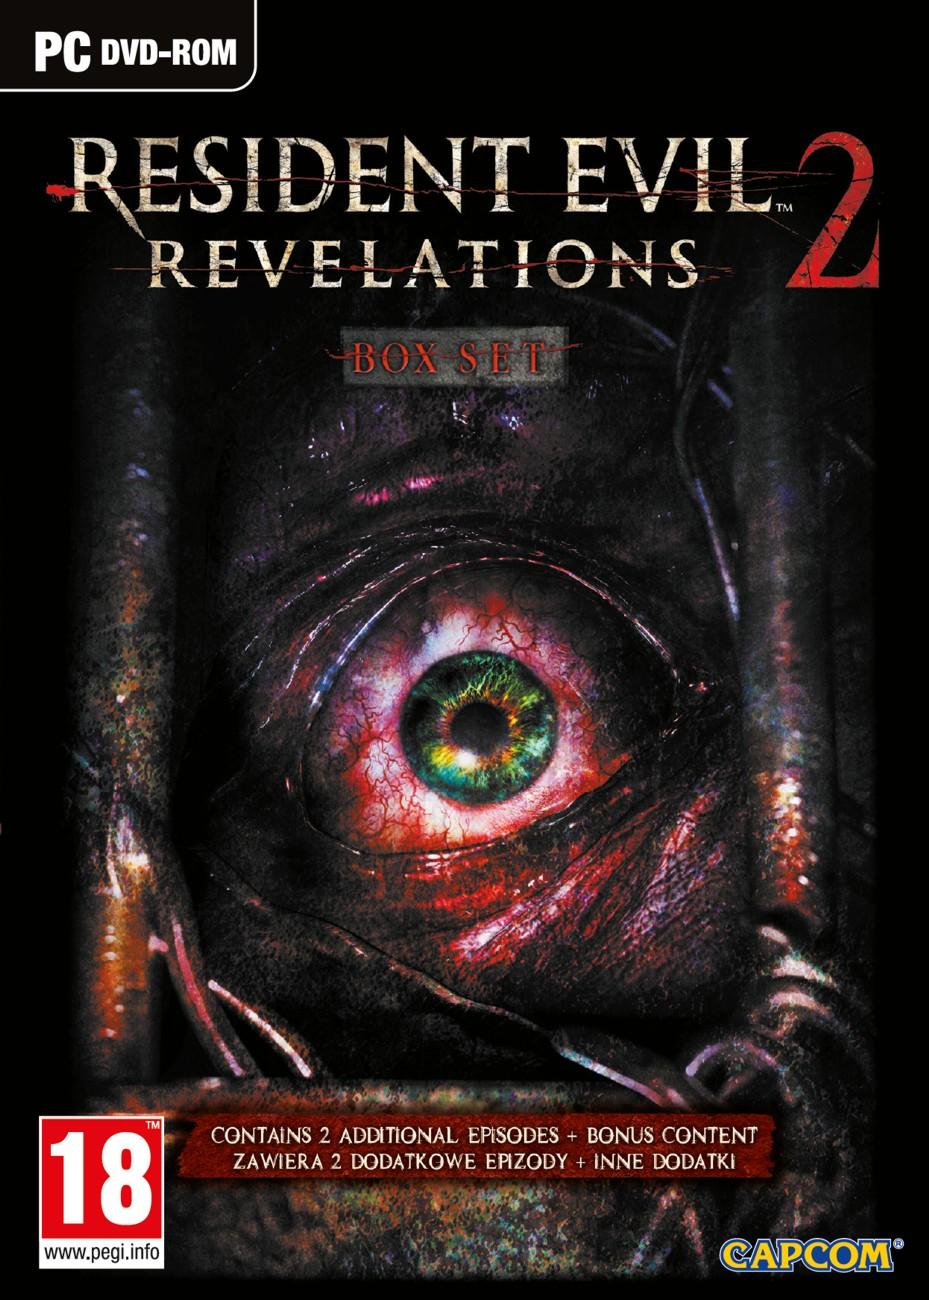 RESIDENT EVIL REVELATIONS 2 - PC